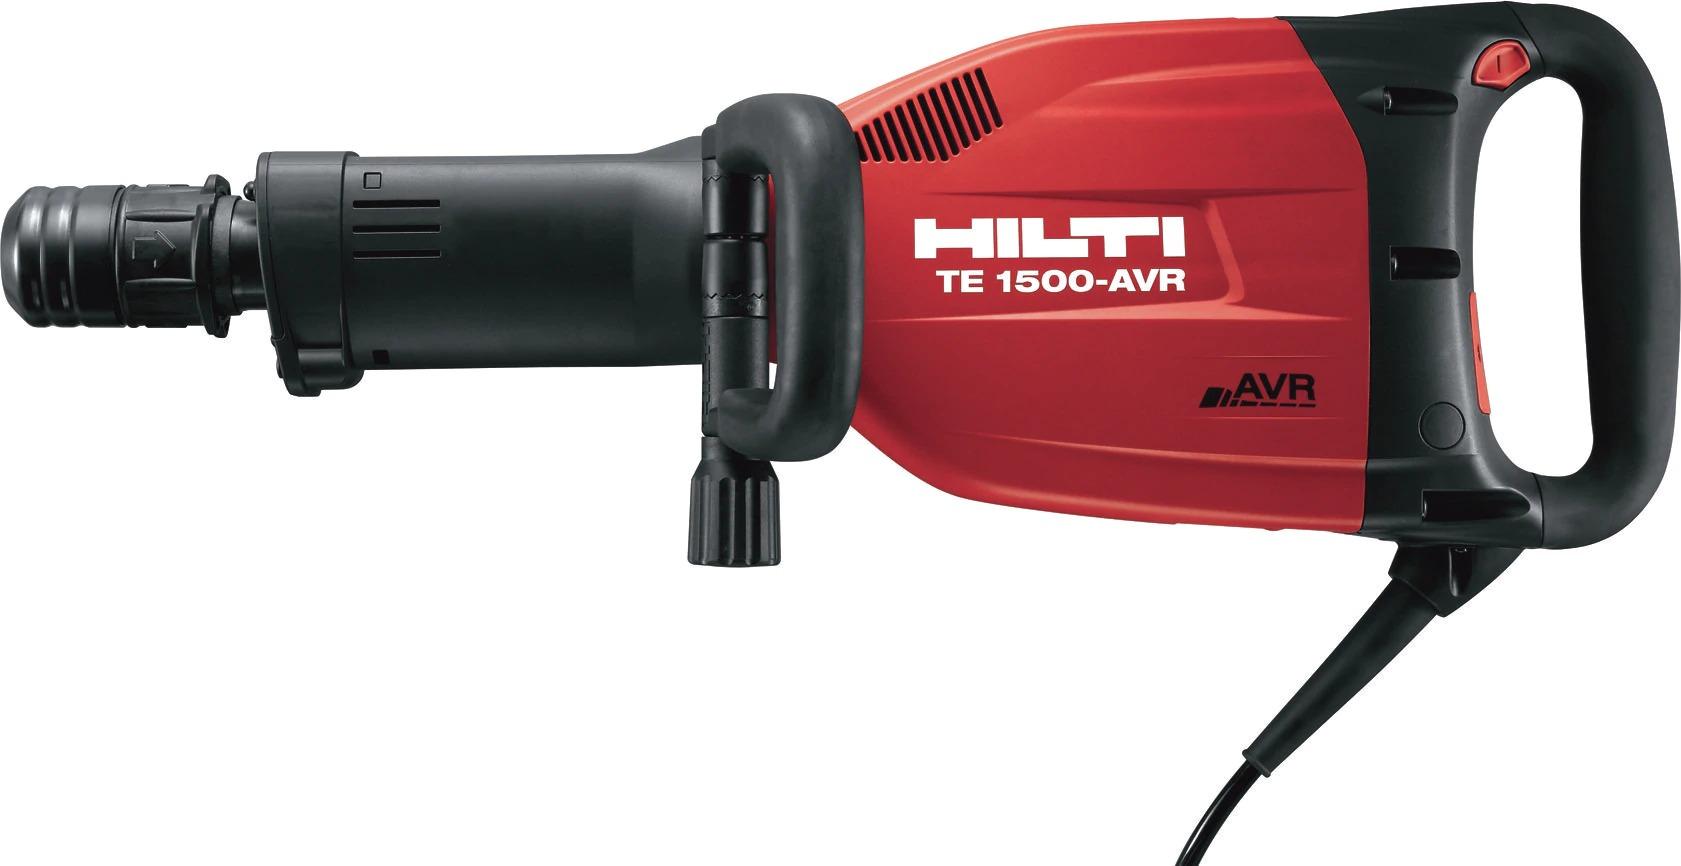 Hilti TE 1500-AVR Floor Breaker HEX 110v 14.2Kg